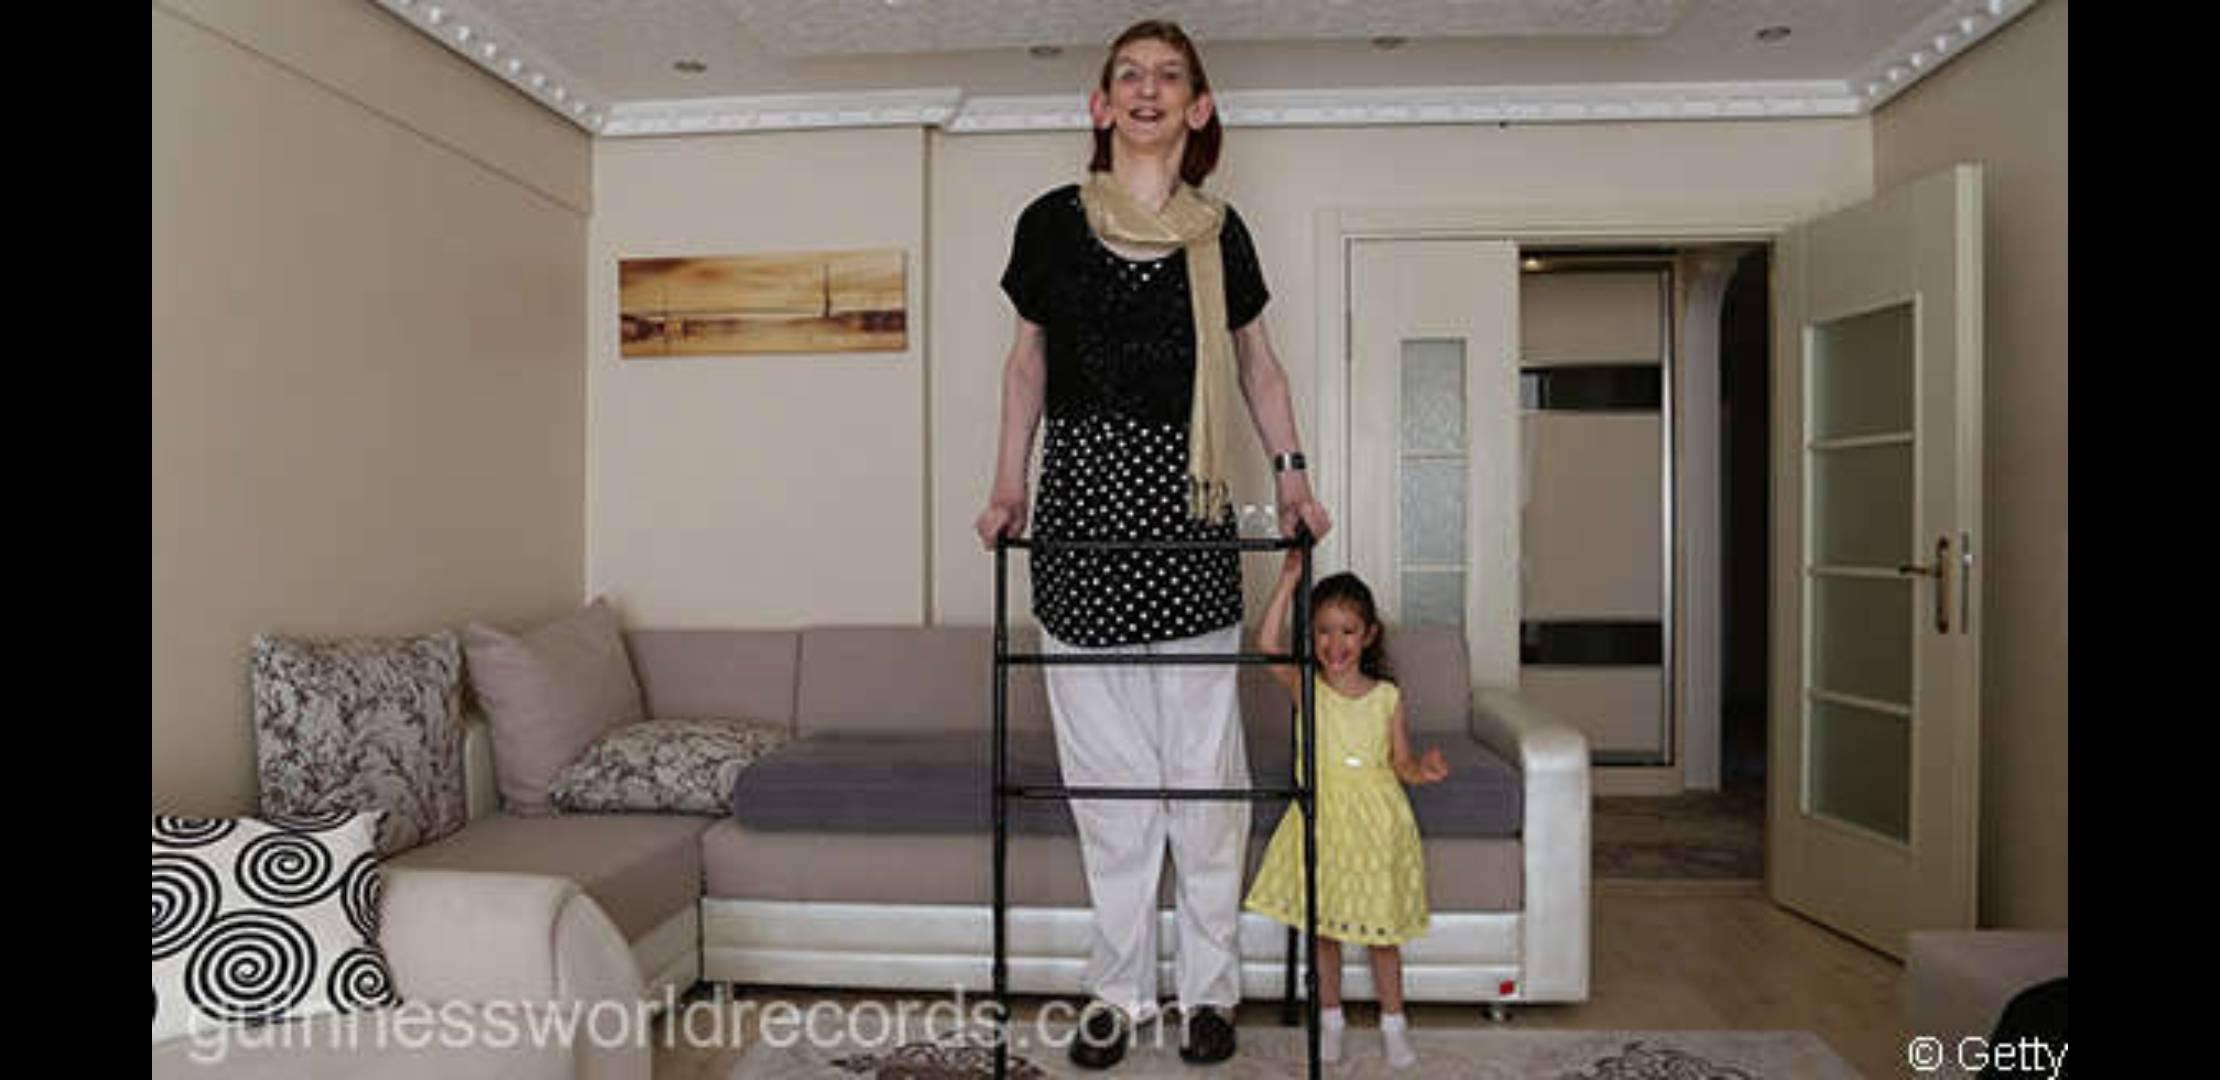 Guinness World Records a identificat cea mai înaltă femeie din lume! Iată cum arată cea care are peste 2 metri